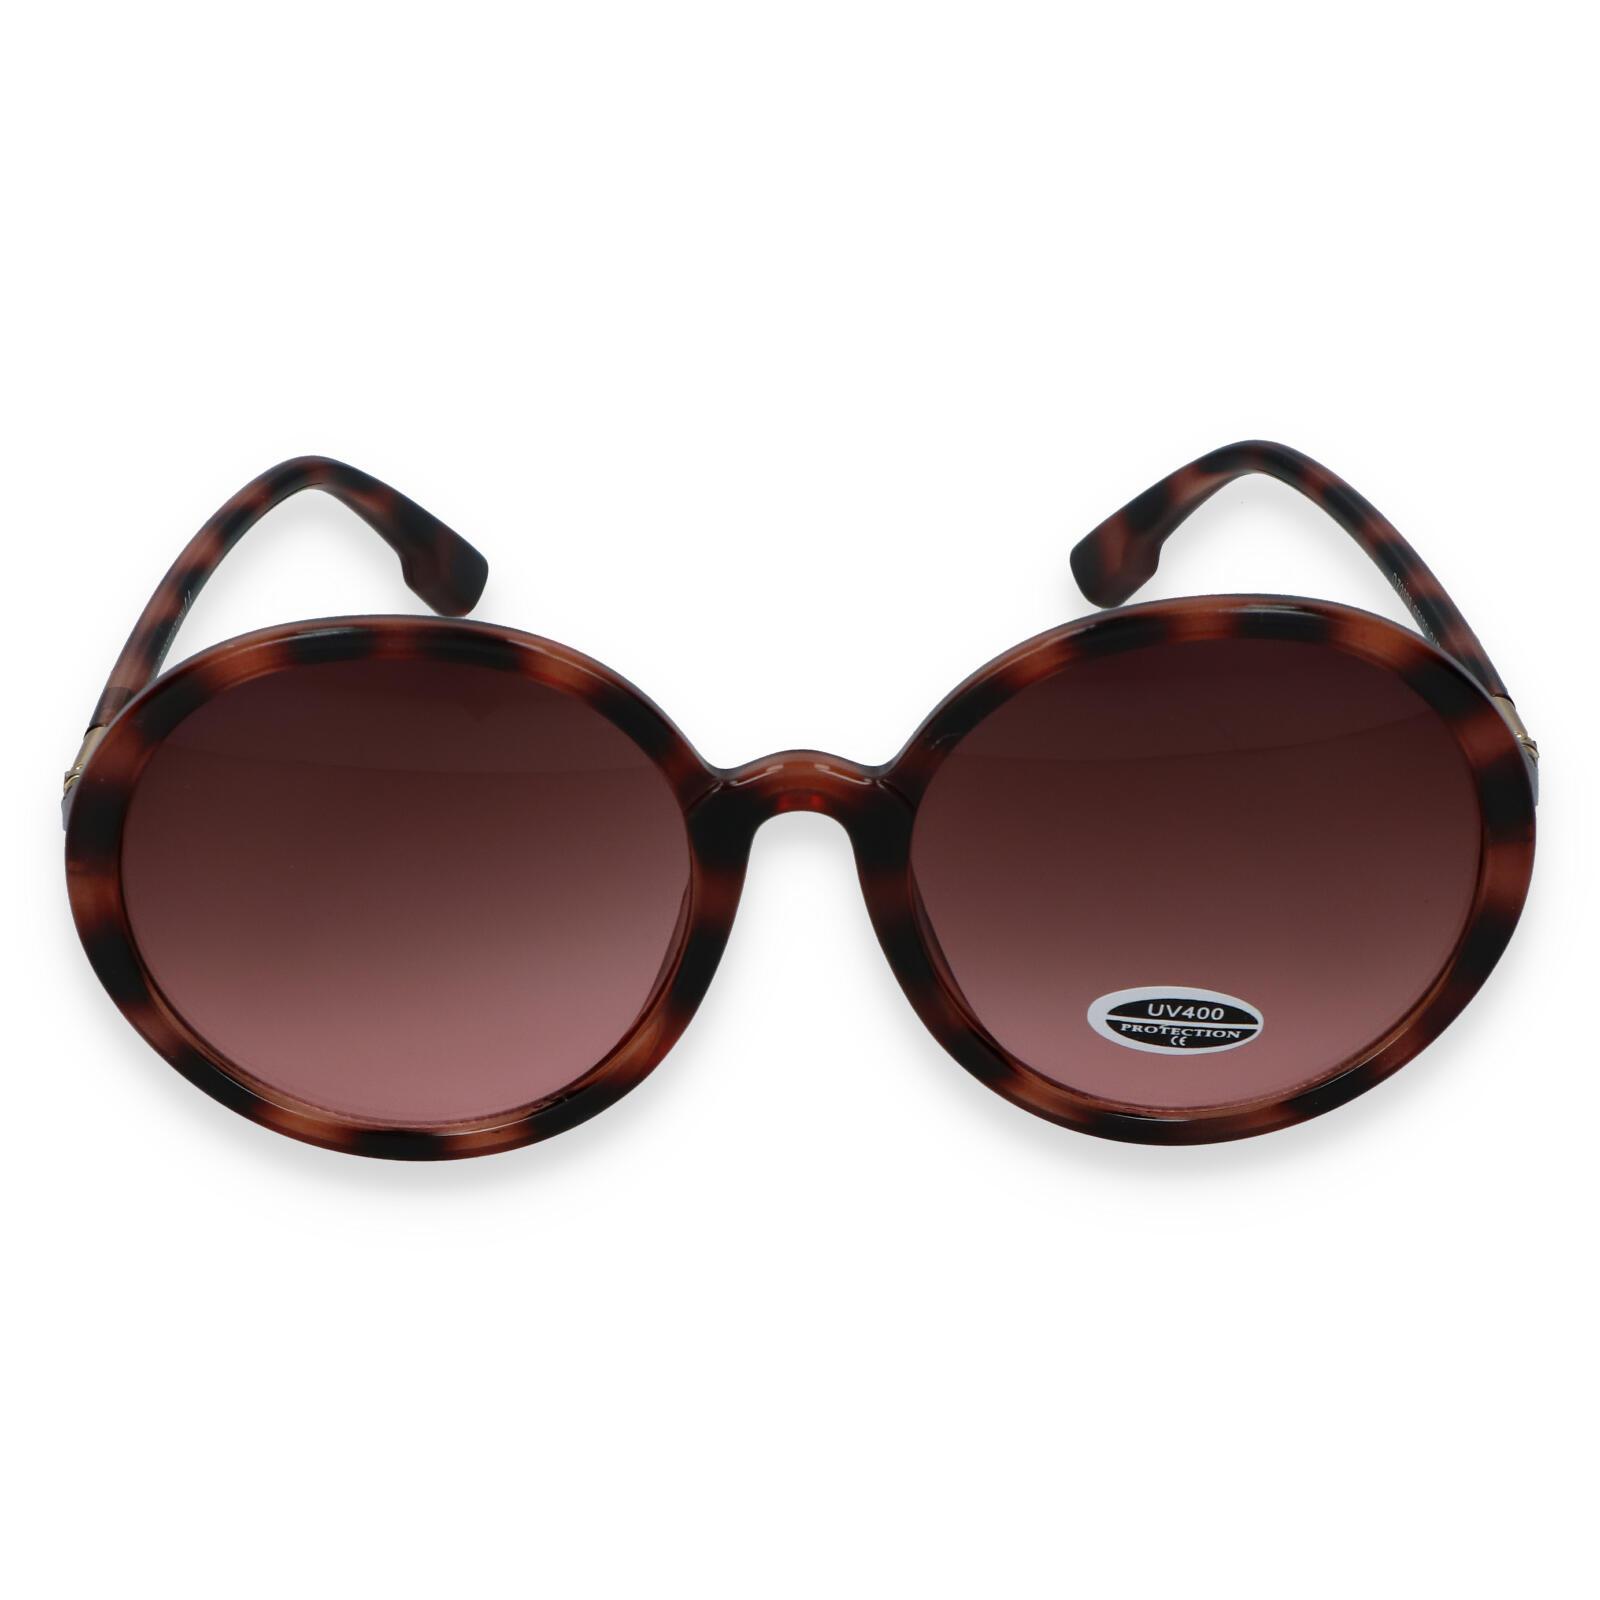 Dámské sluneční brýle hnědo černé - S9305